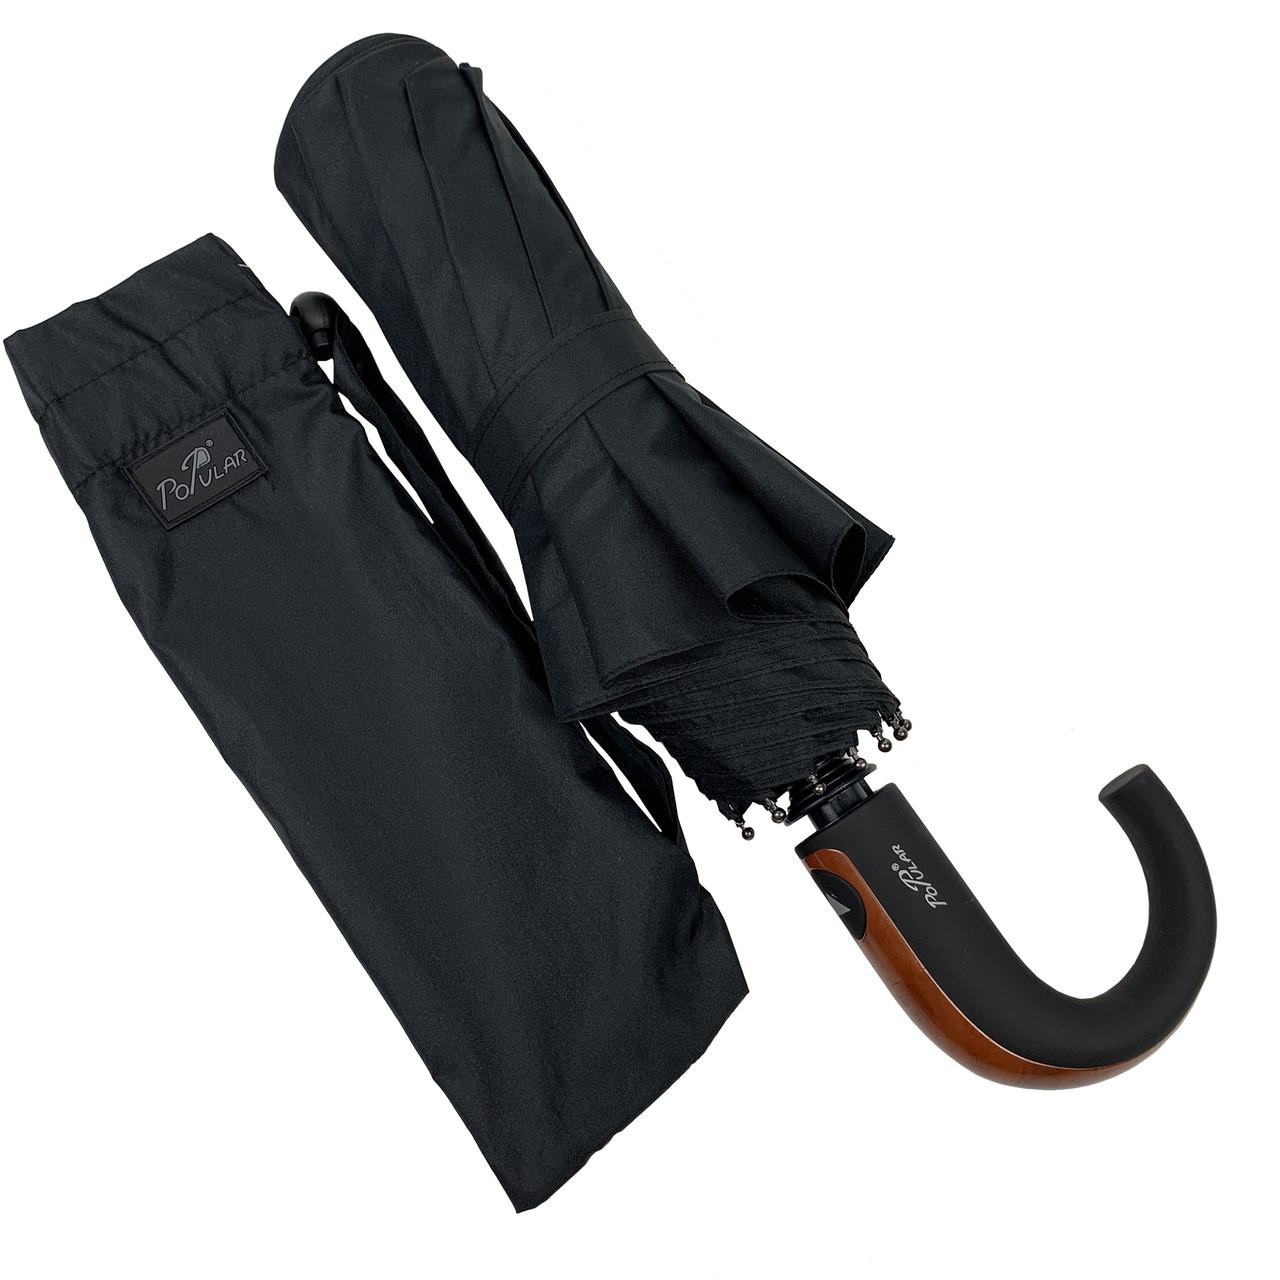 Мужской складной зонт-полуавтомат с ручкой крюк от Popular, есть антиветер, черный, 1048